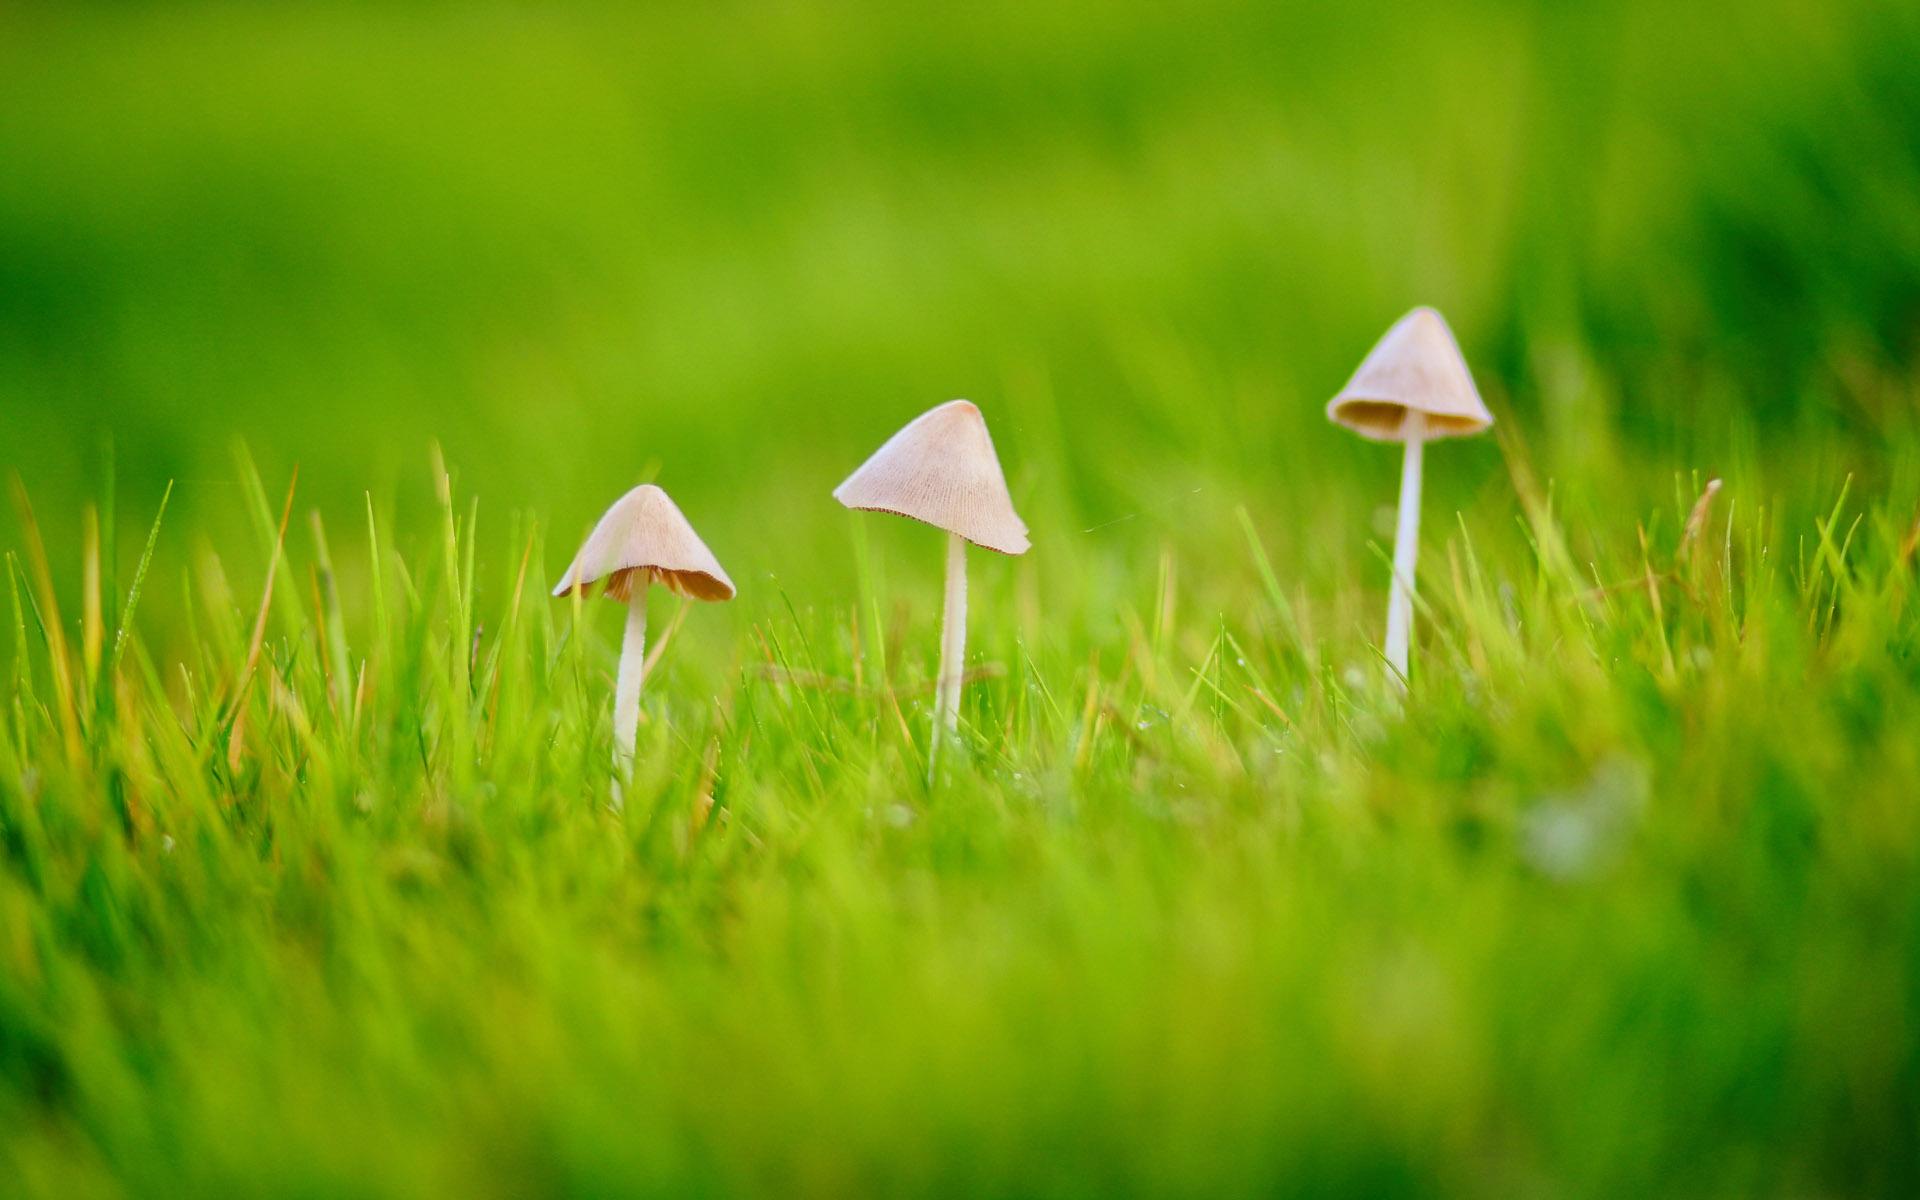 清新护眼的小蘑菇花卉图片桌面壁纸